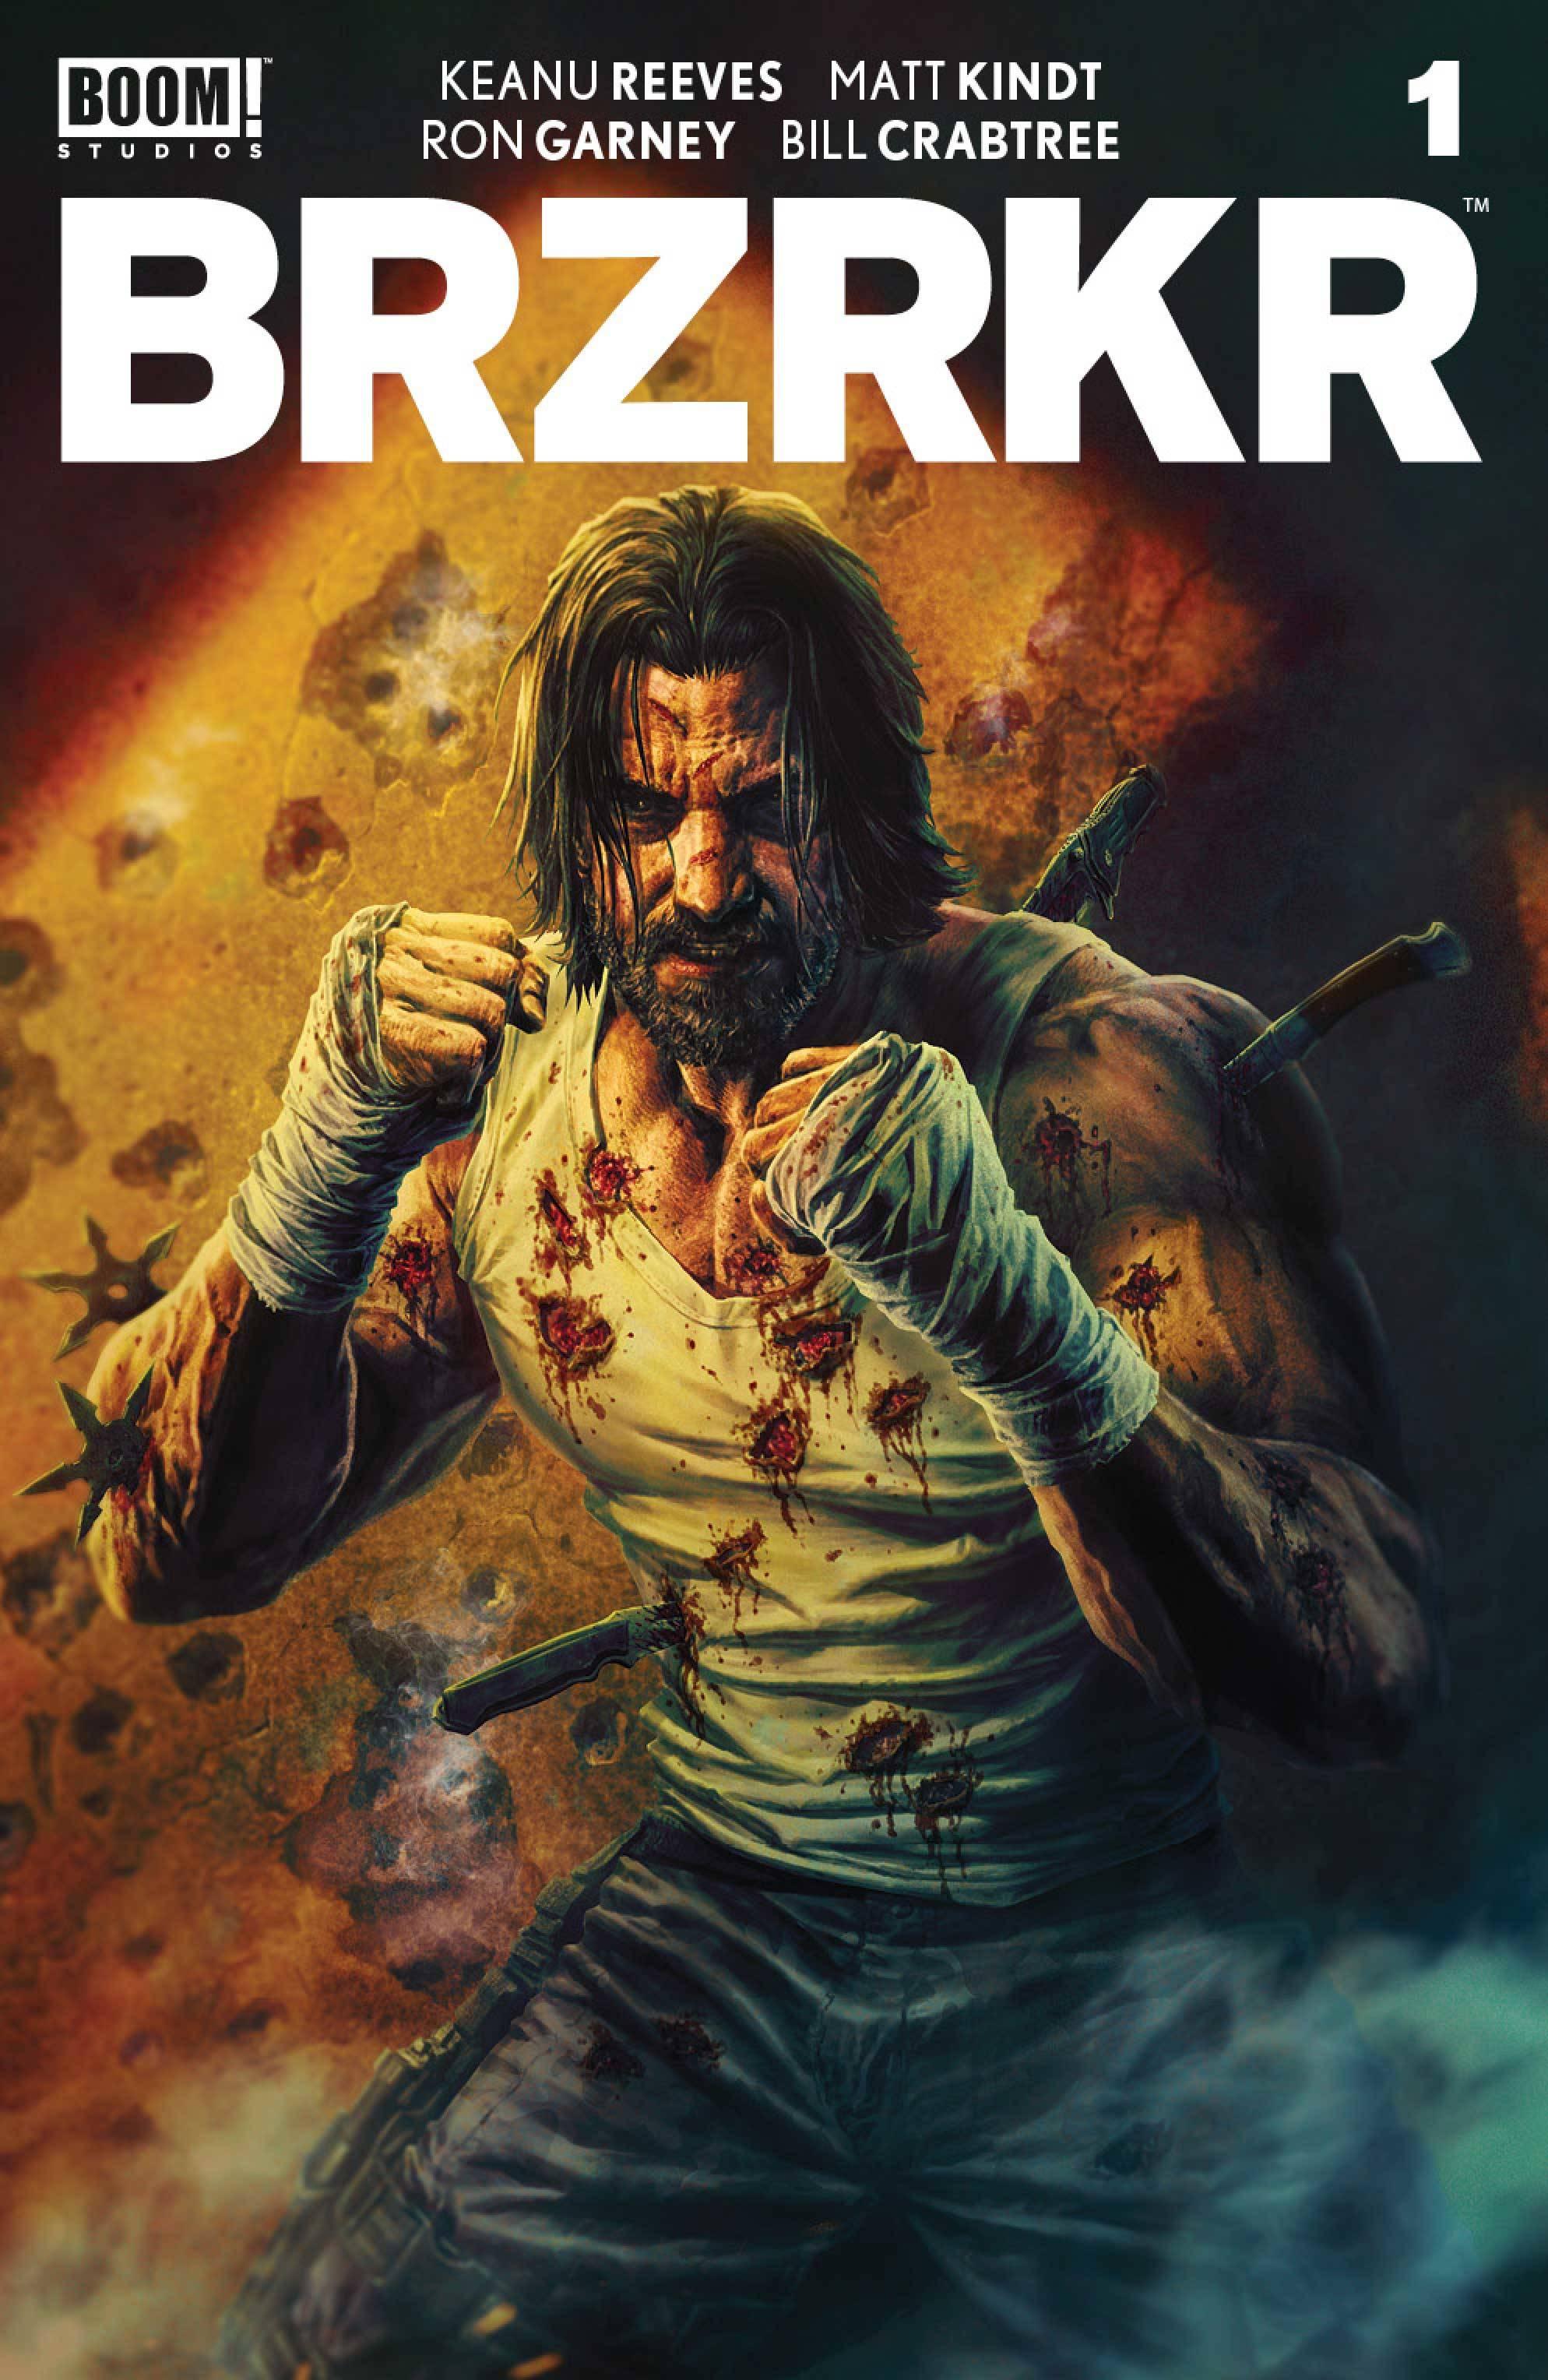 BRZRKR (BERZERKER) #1 25 COPY BROOKS UNDRESSED VAR (MR)